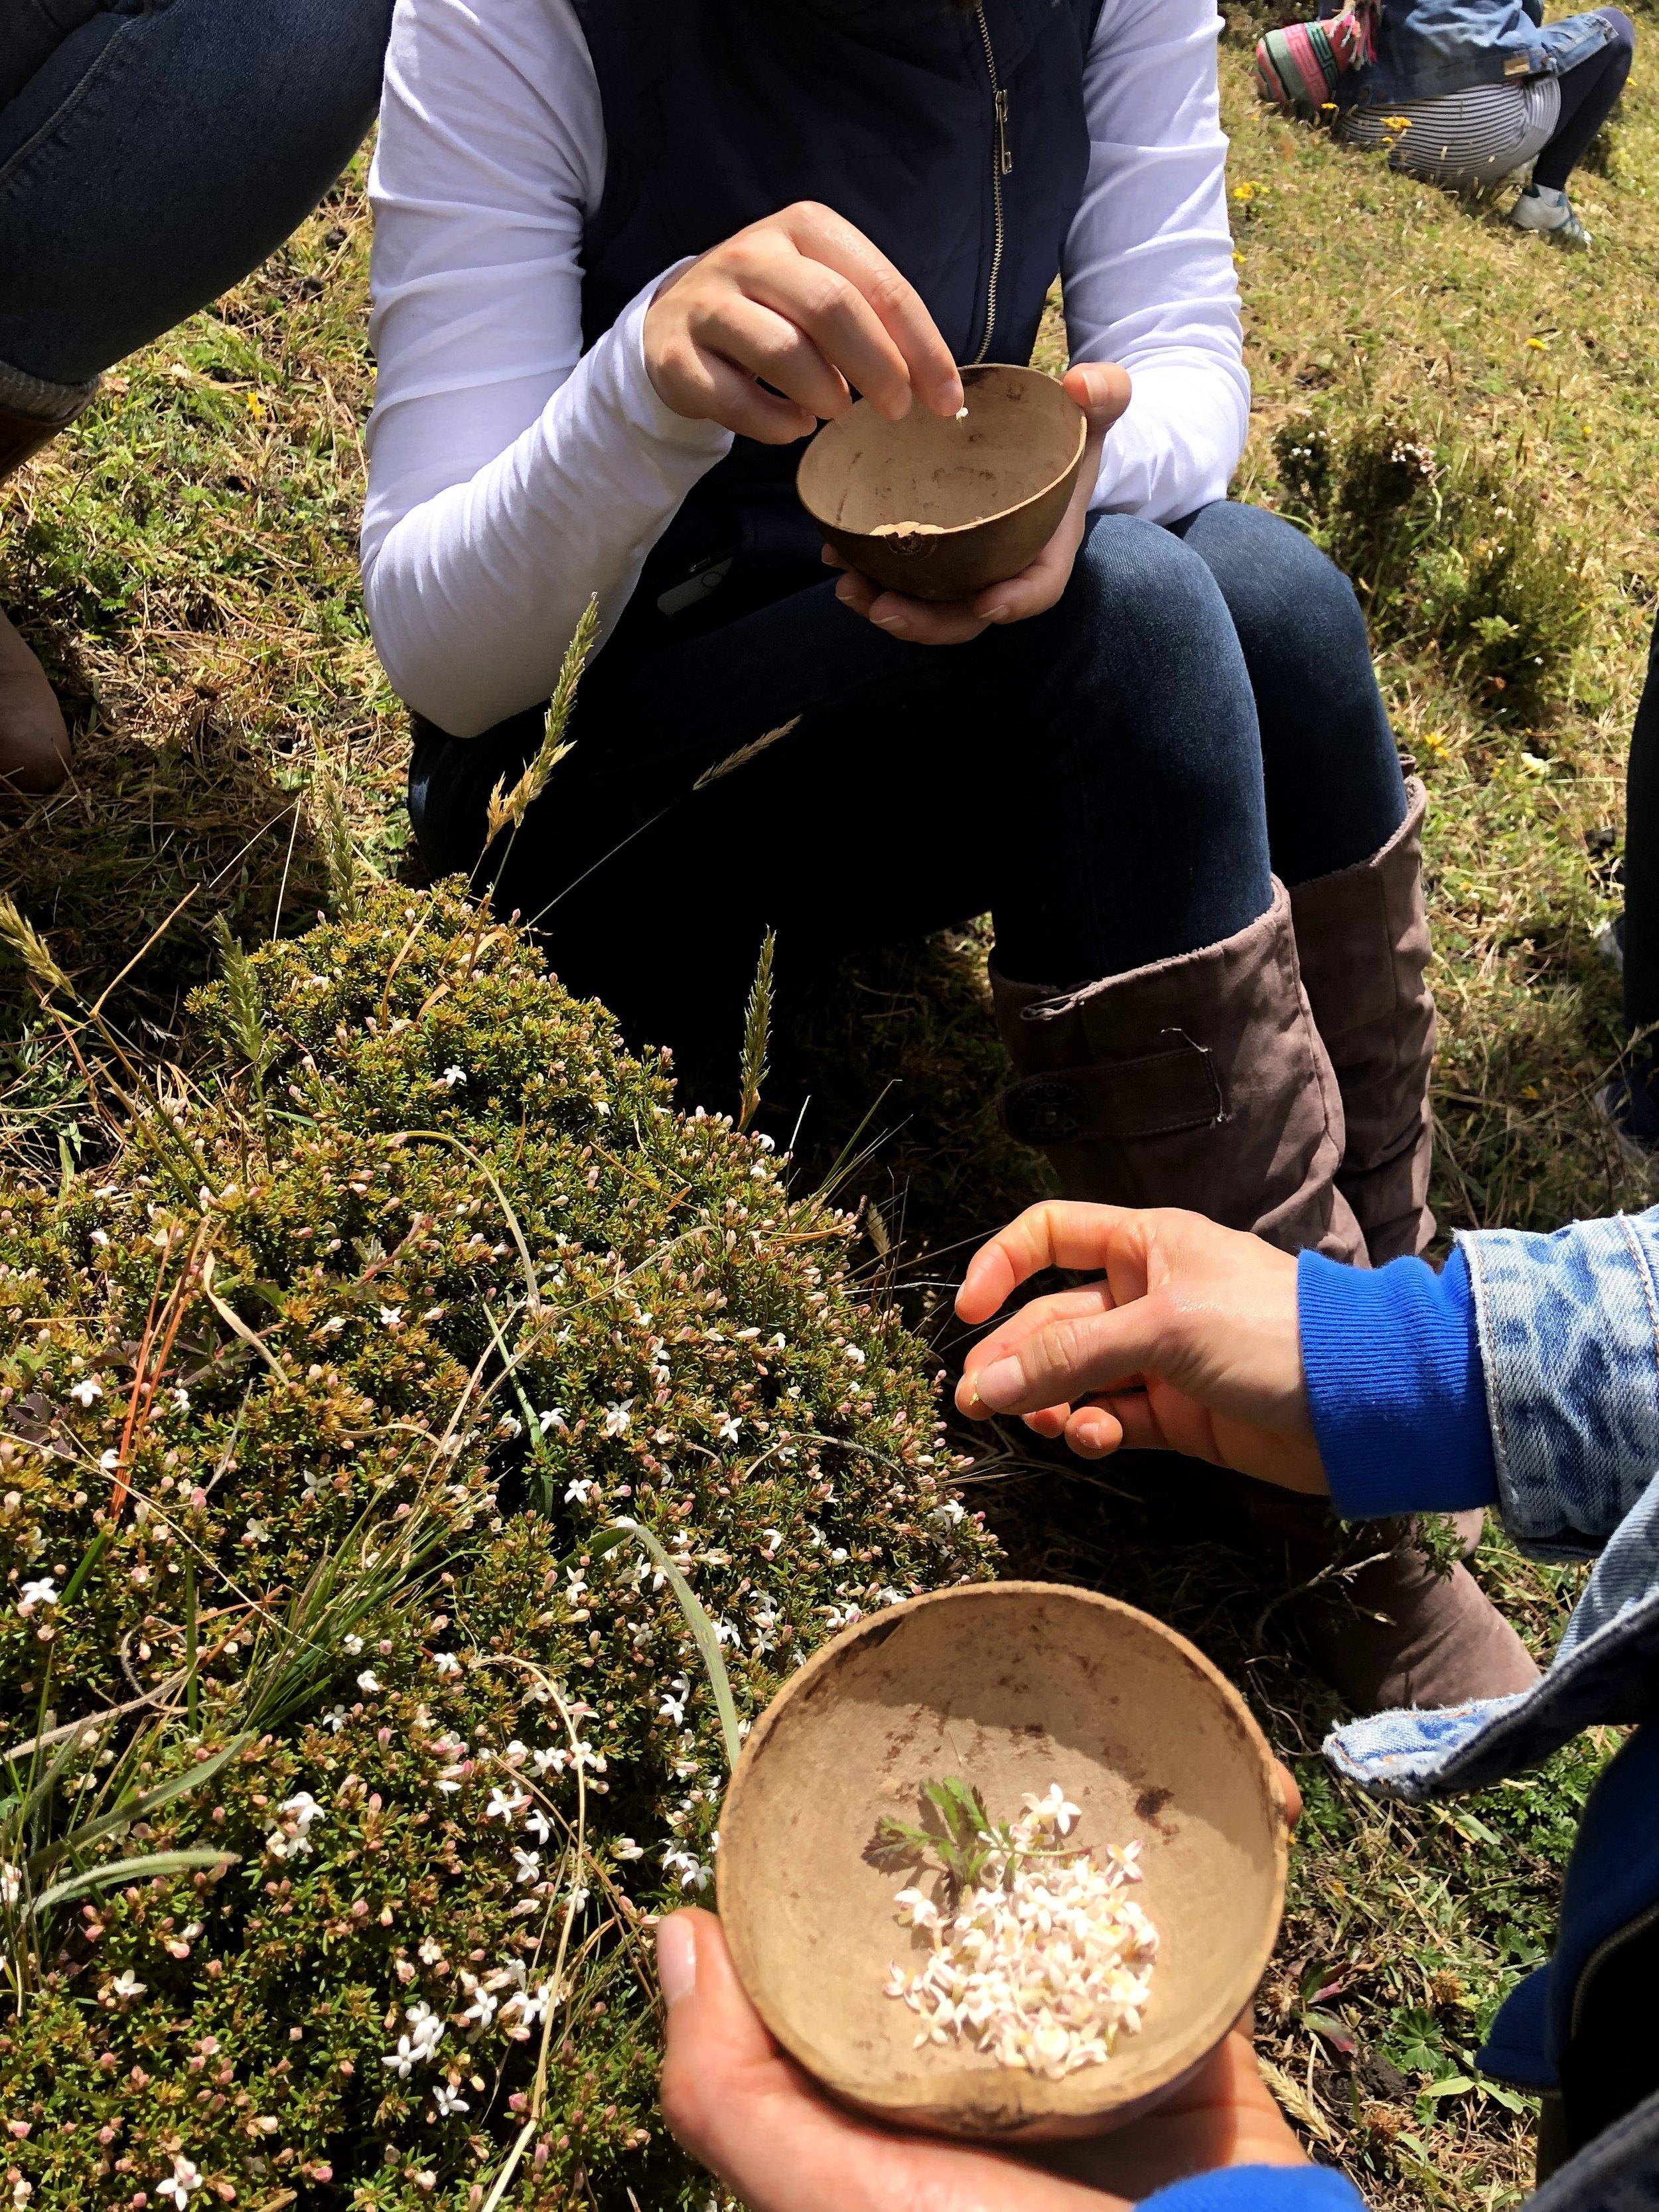 Recolección de manzanitas, una golosina de los niños de la comunidad